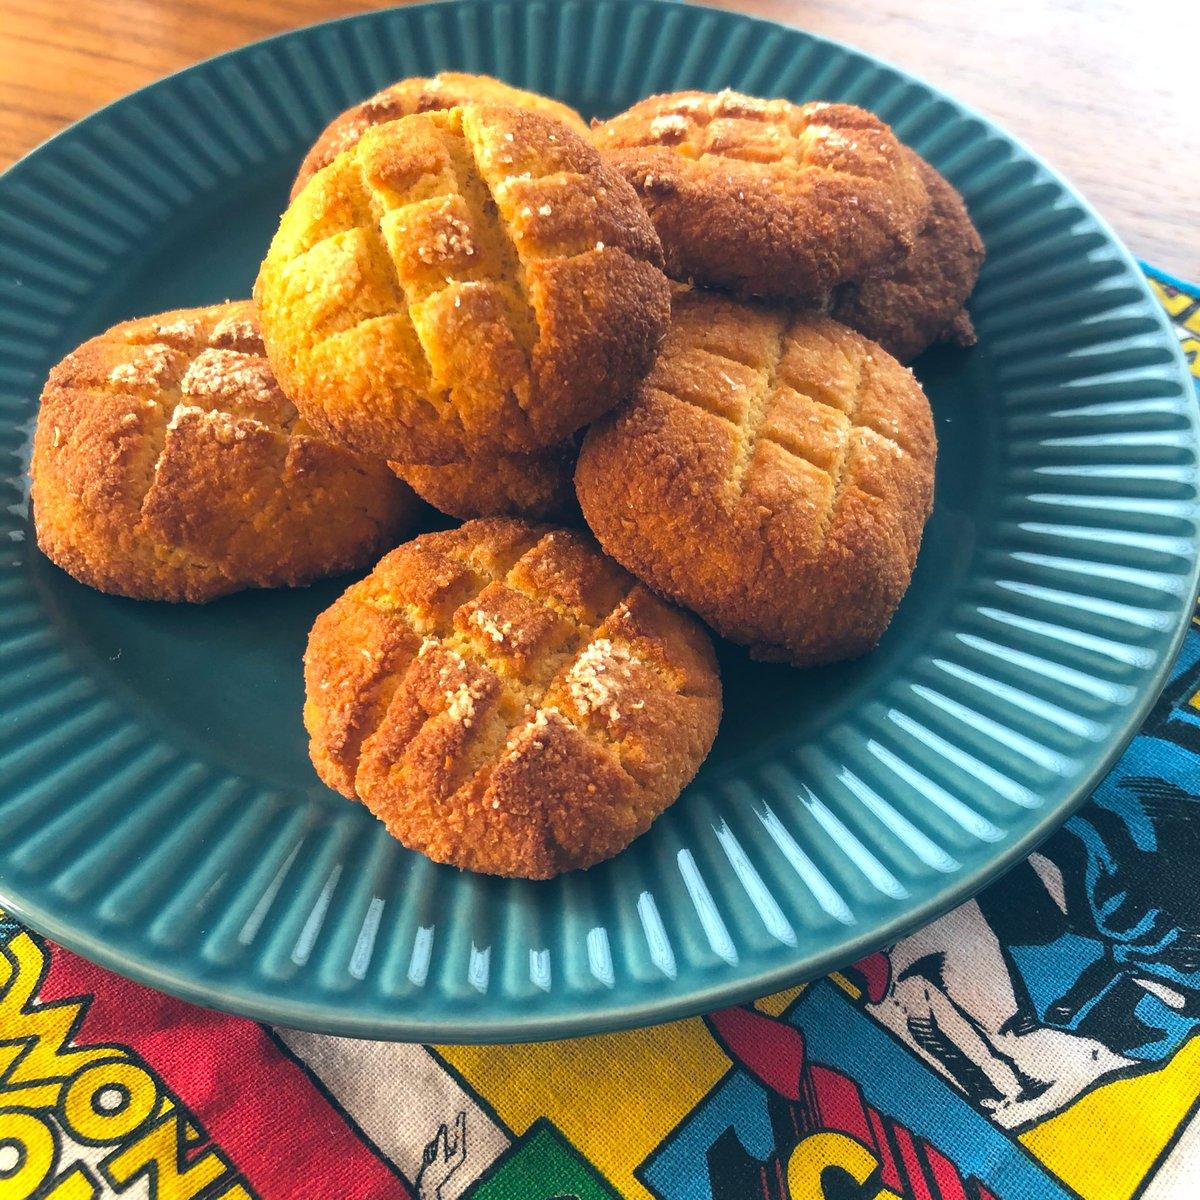 混ぜるだけで簡単なやつ👩🏻🍳外サク中フワで無限にいけそう😇早速なくなりそう🤦♀️しっとり生おからのケーキ風メロンパン by koutamama☆